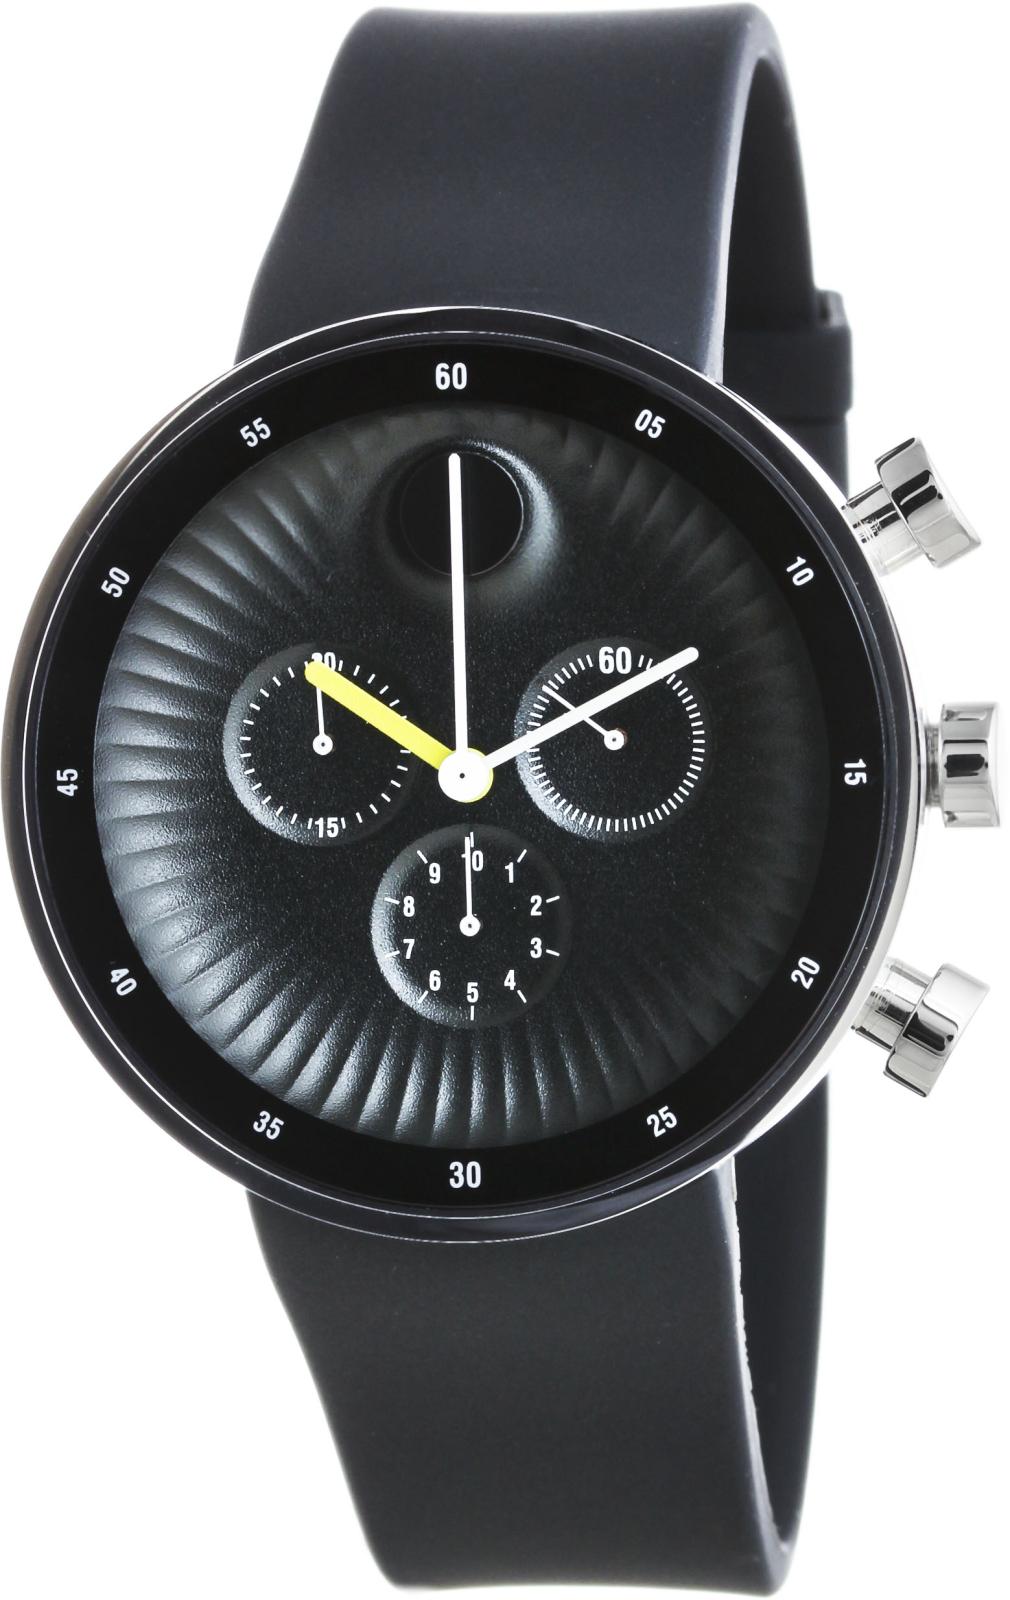 Часы movado известны минимализмом — знаменитый циферблат выполнен без индексов, с единственной отметкой в виде оригинальной точки.